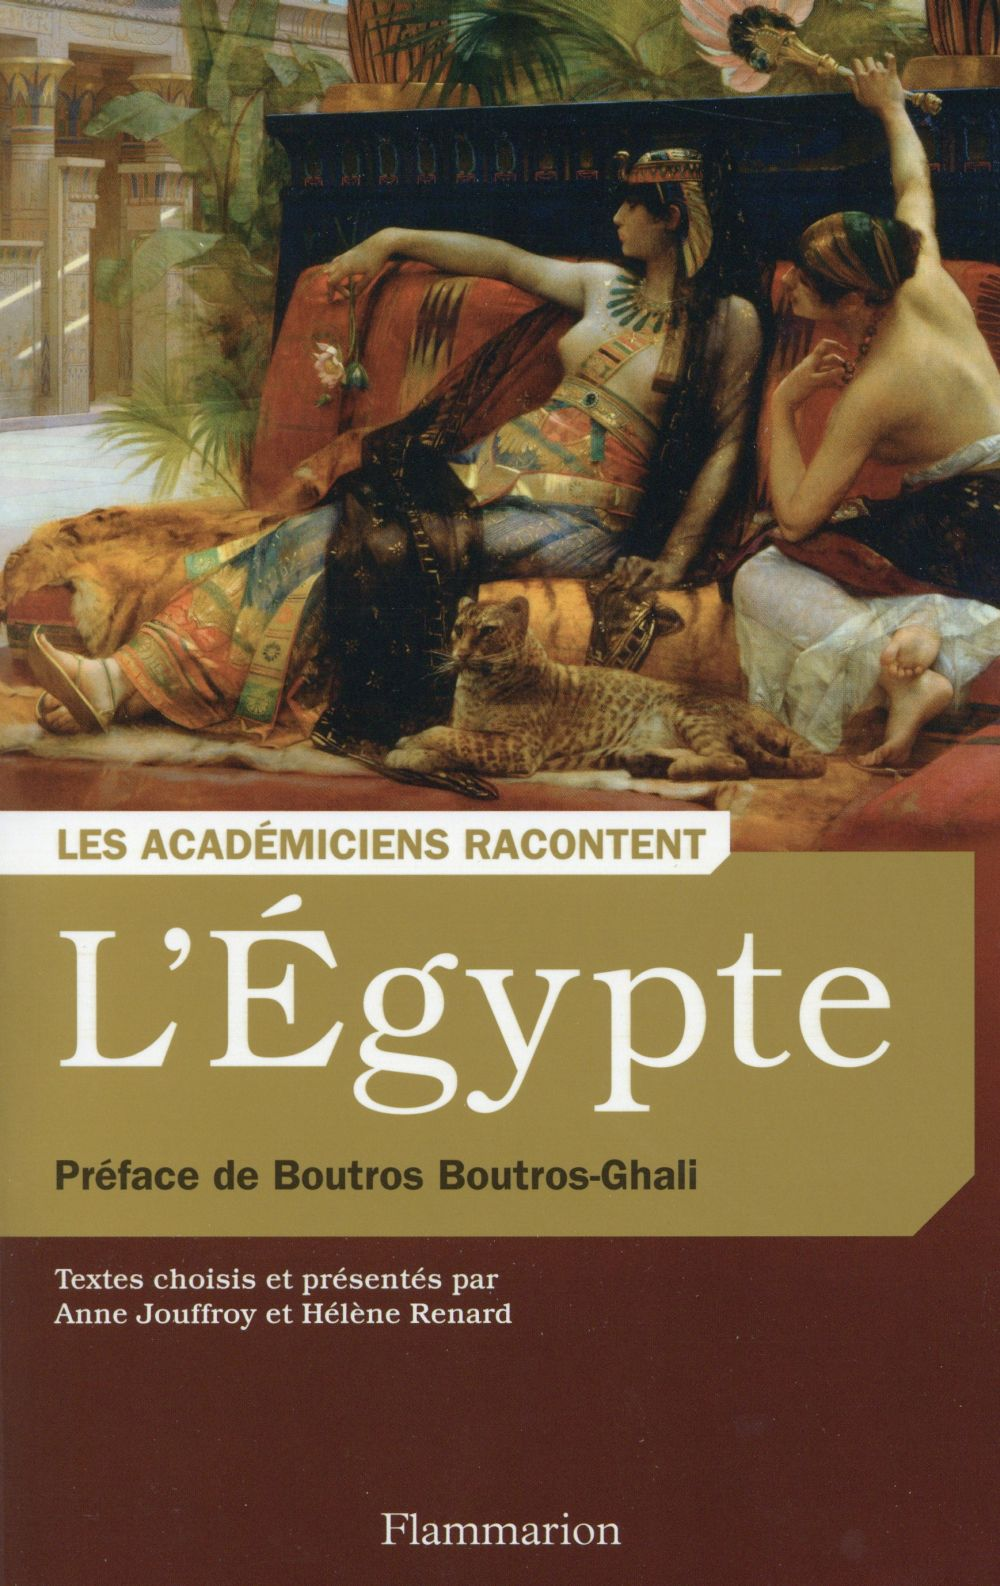 Les Académiciens racontent l'Egypte